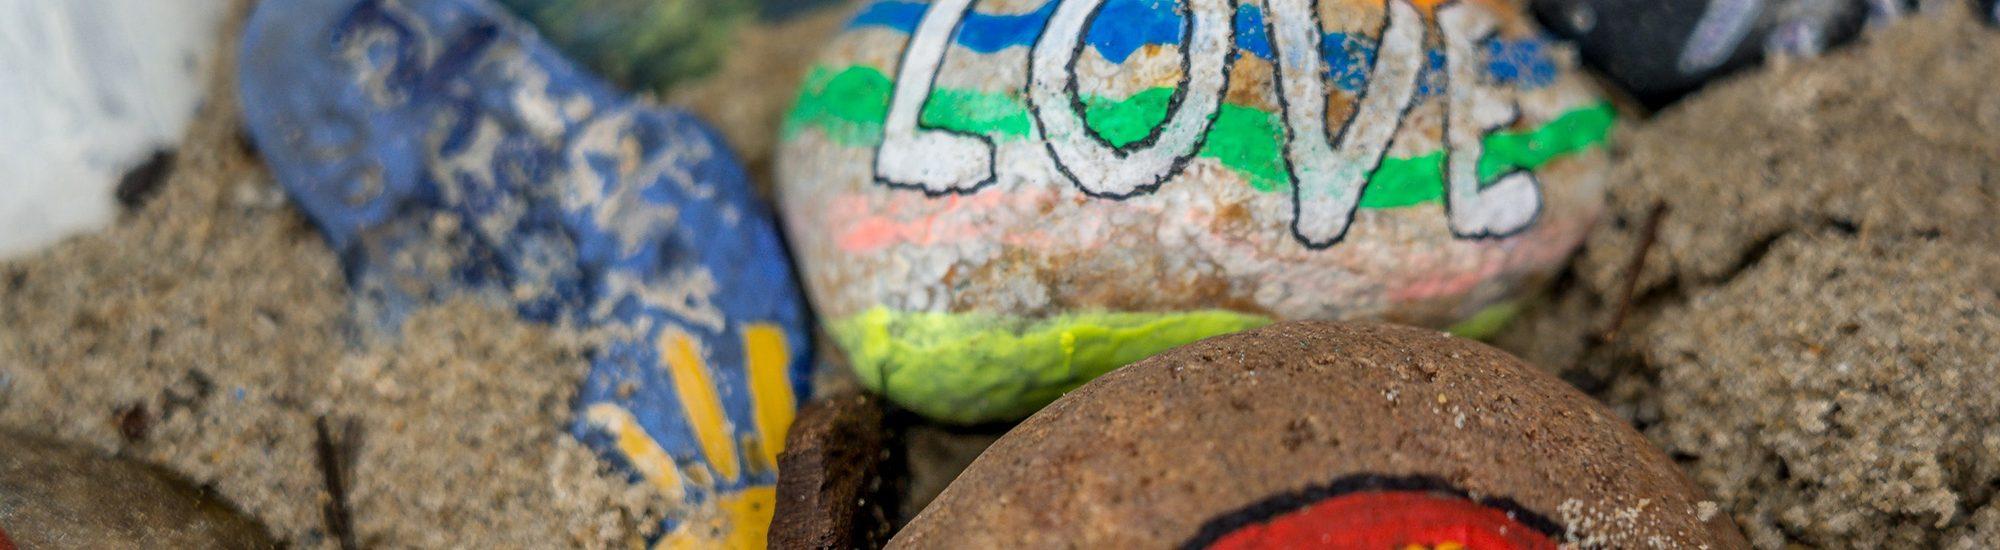 newqua rocks 2000x550 - Giving Back